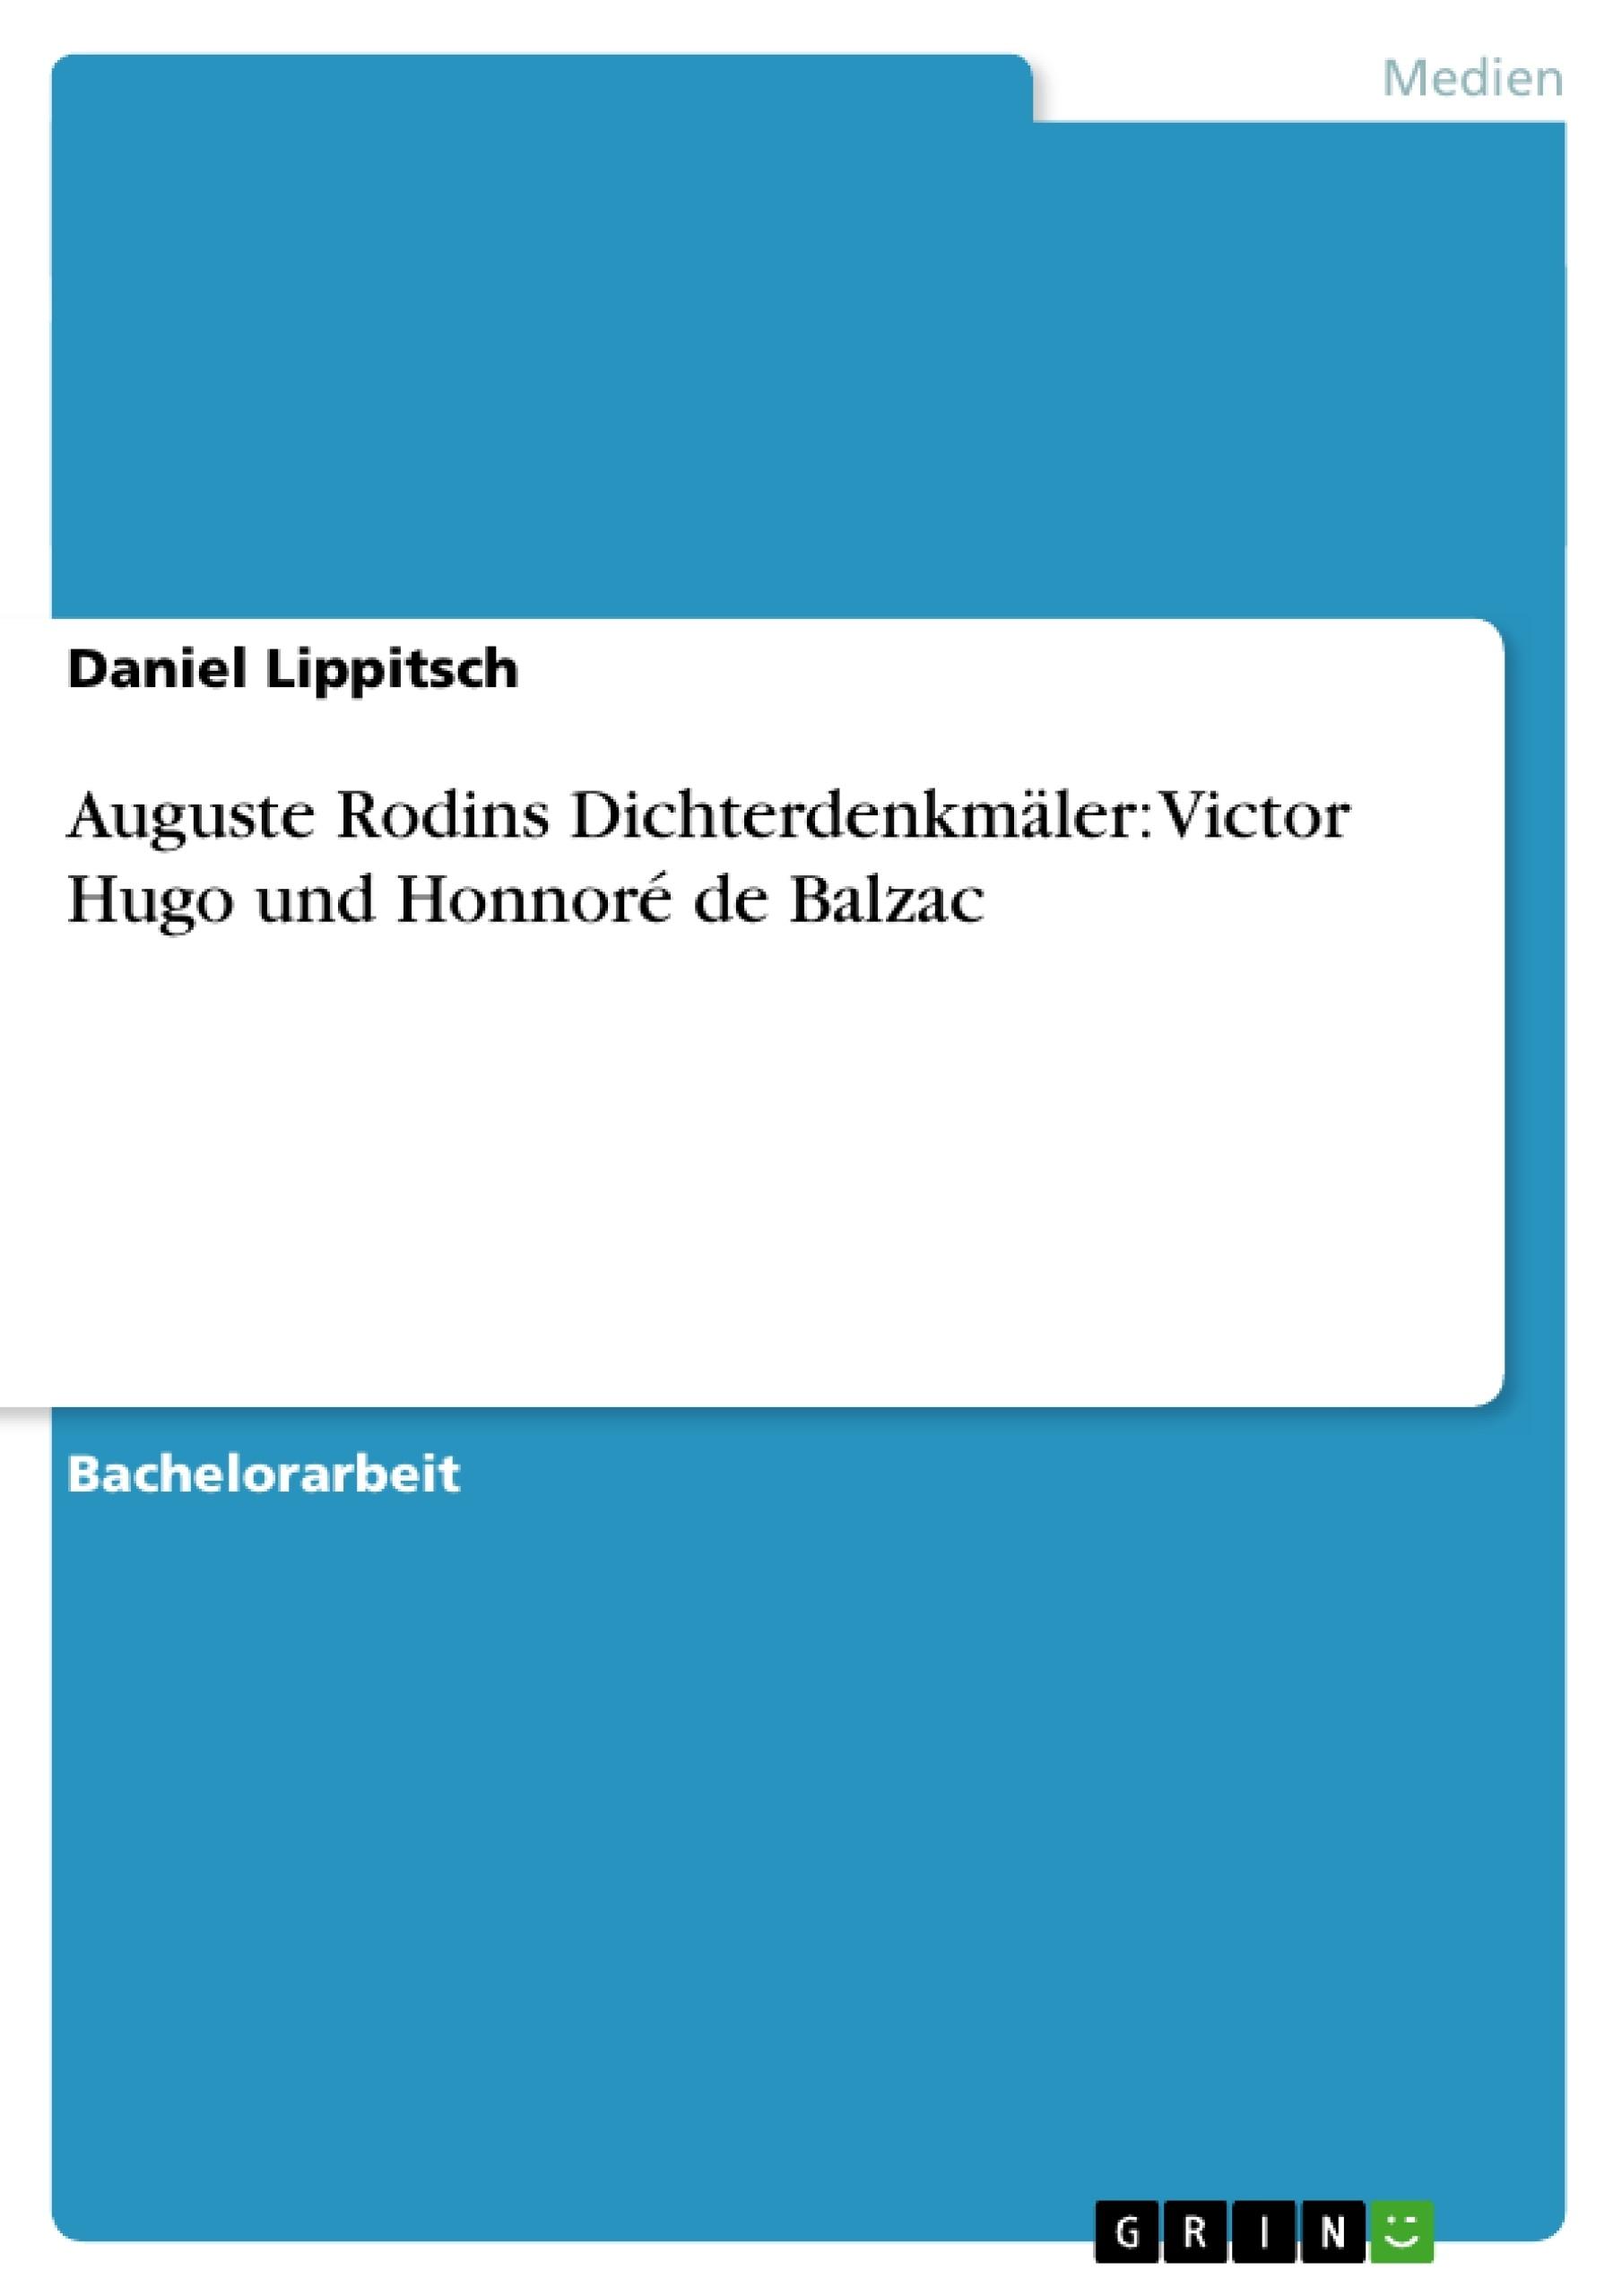 Titel: Auguste Rodins Dichterdenkmäler: Victor Hugo und Honnoré de Balzac